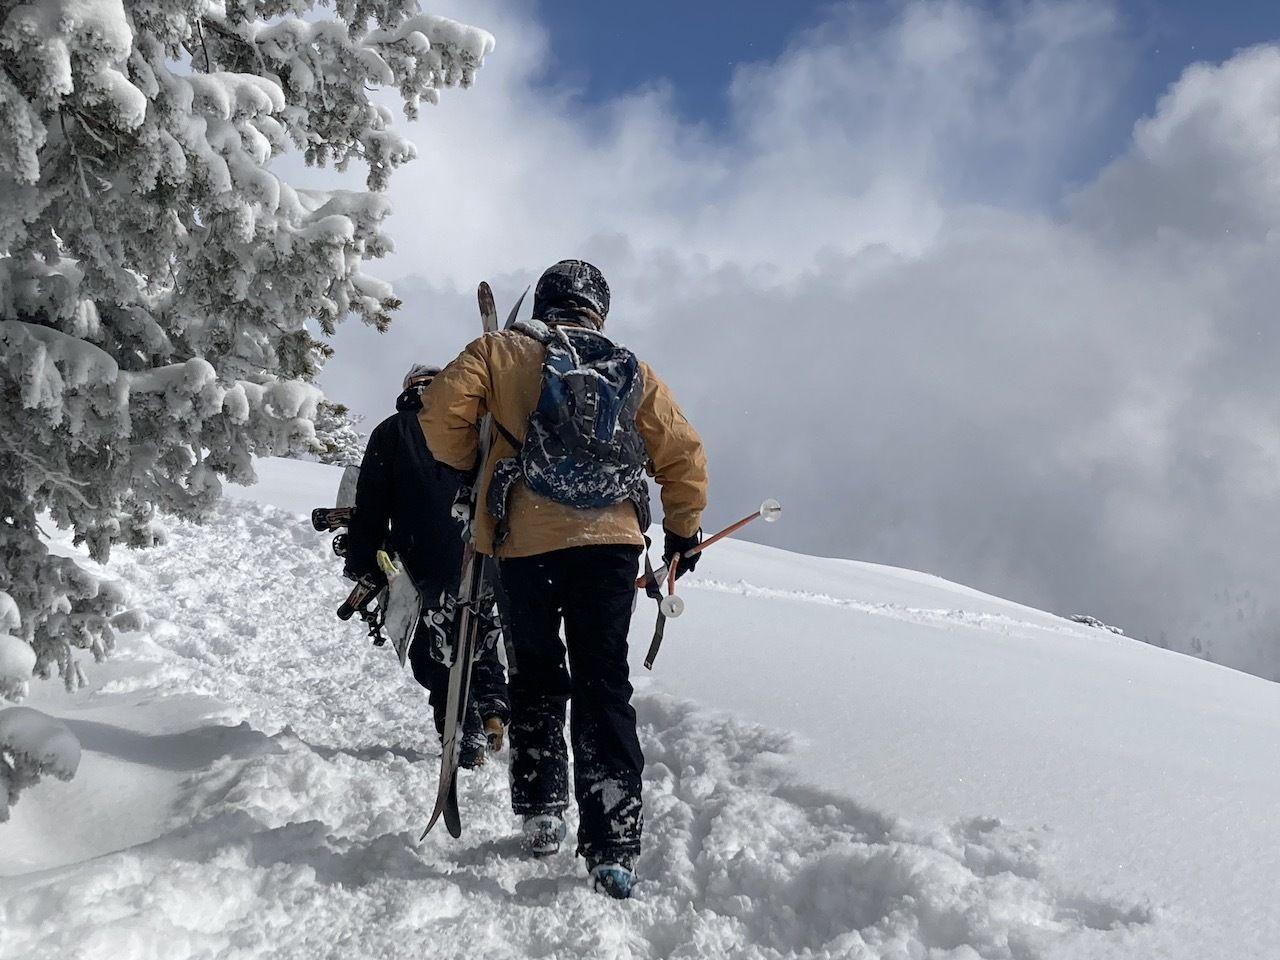 Powder Mountain Utah Ski resort